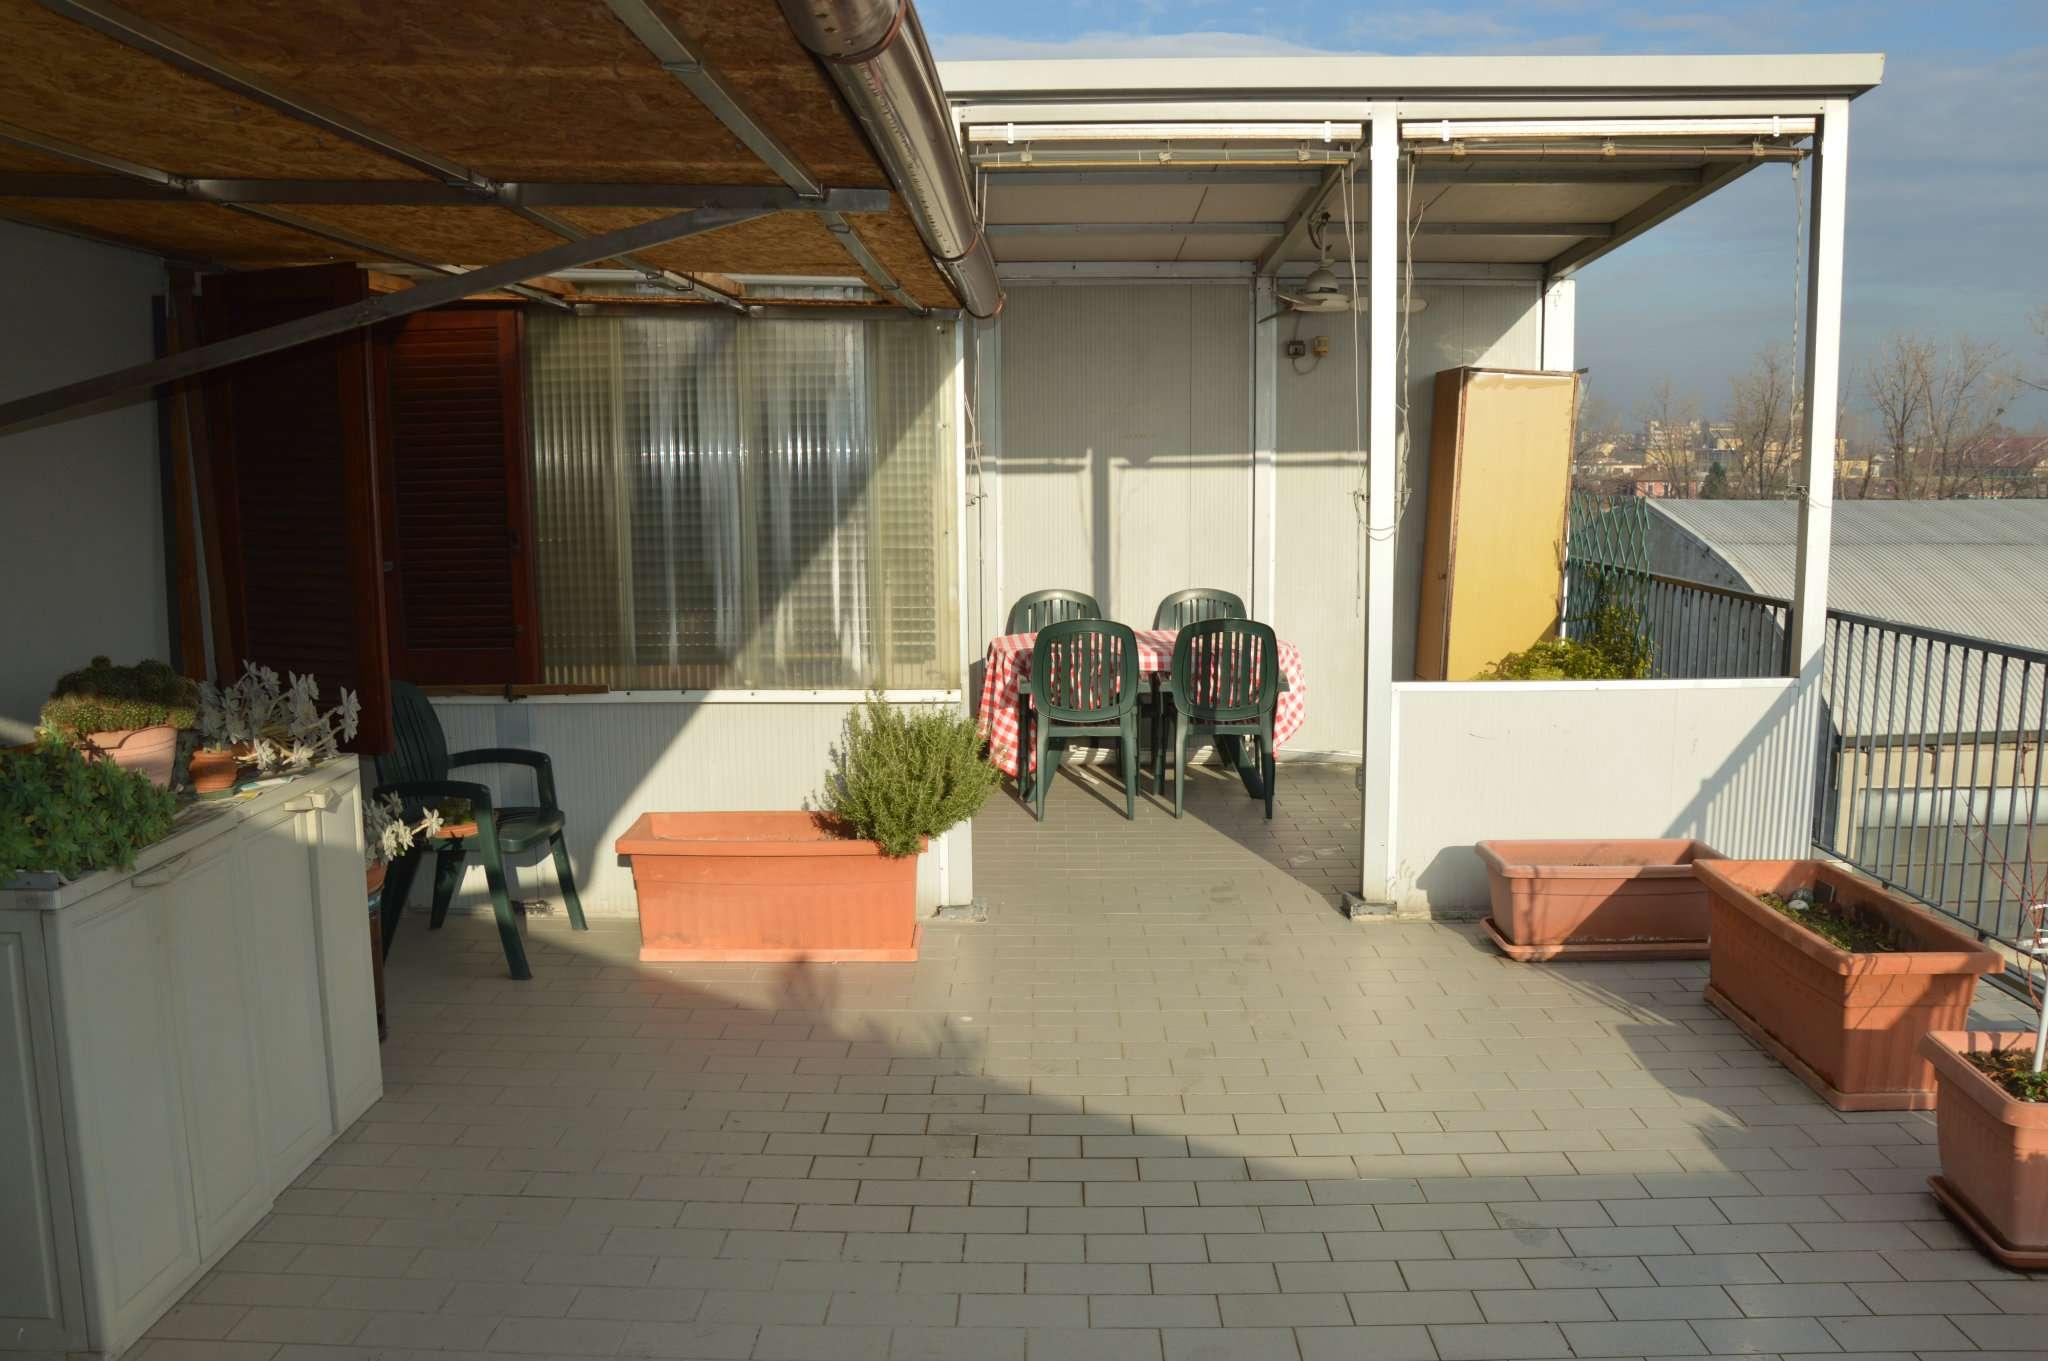 Appartamento in vendita a Cormano, 2 locali, prezzo € 125.000 | PortaleAgenzieImmobiliari.it